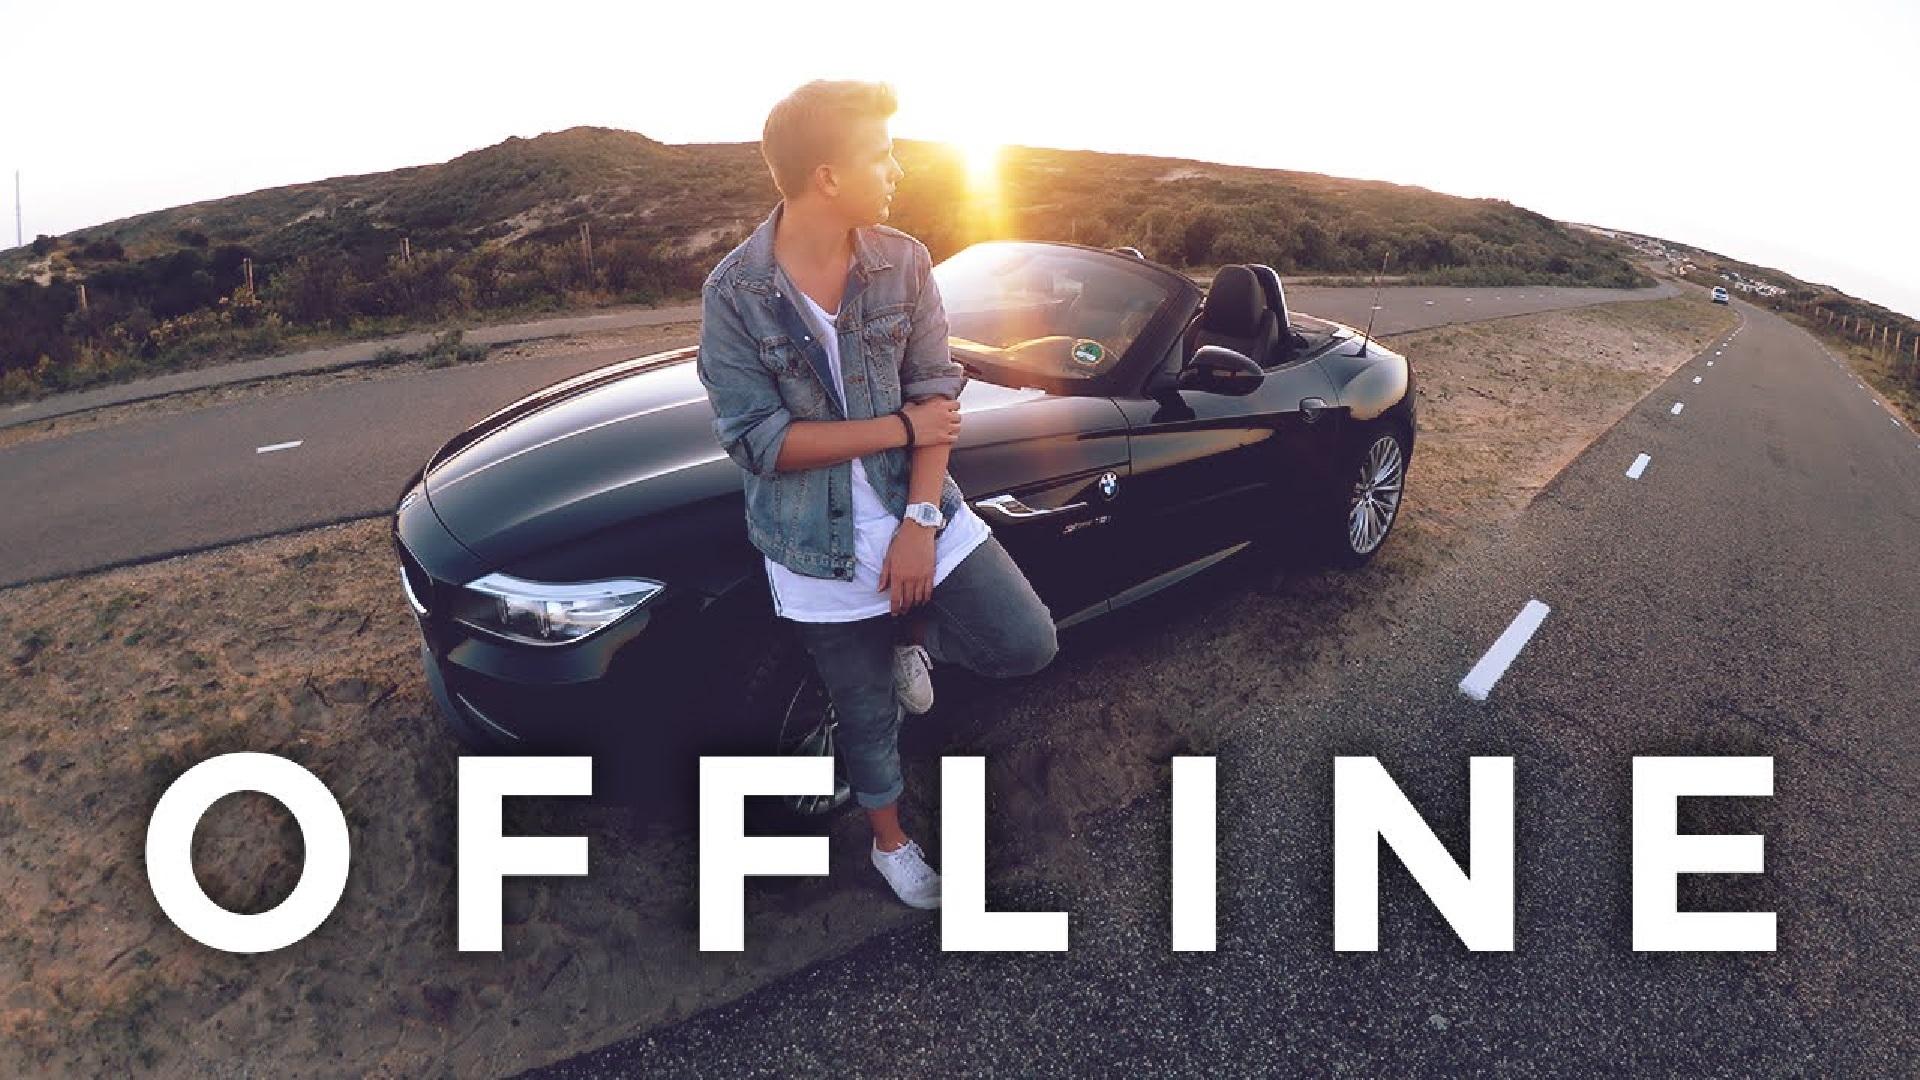 Offline – Kayef